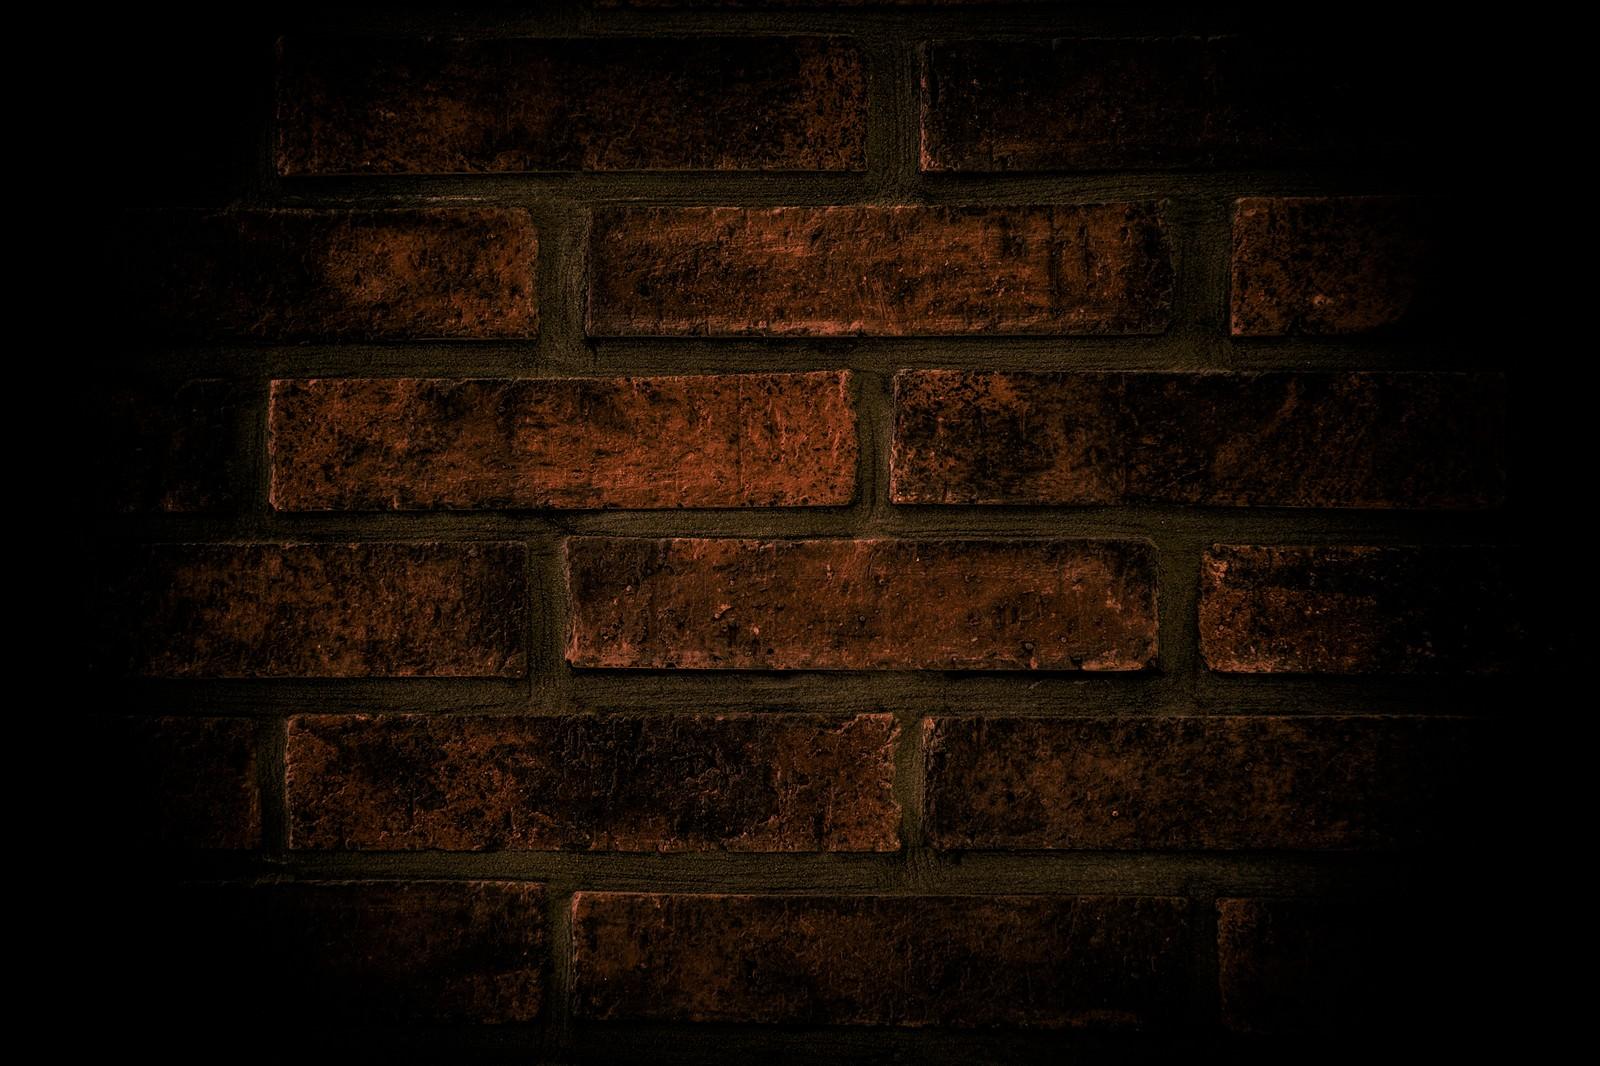 「薄暗いレンガの壁薄暗いレンガの壁」のフリー写真素材を拡大